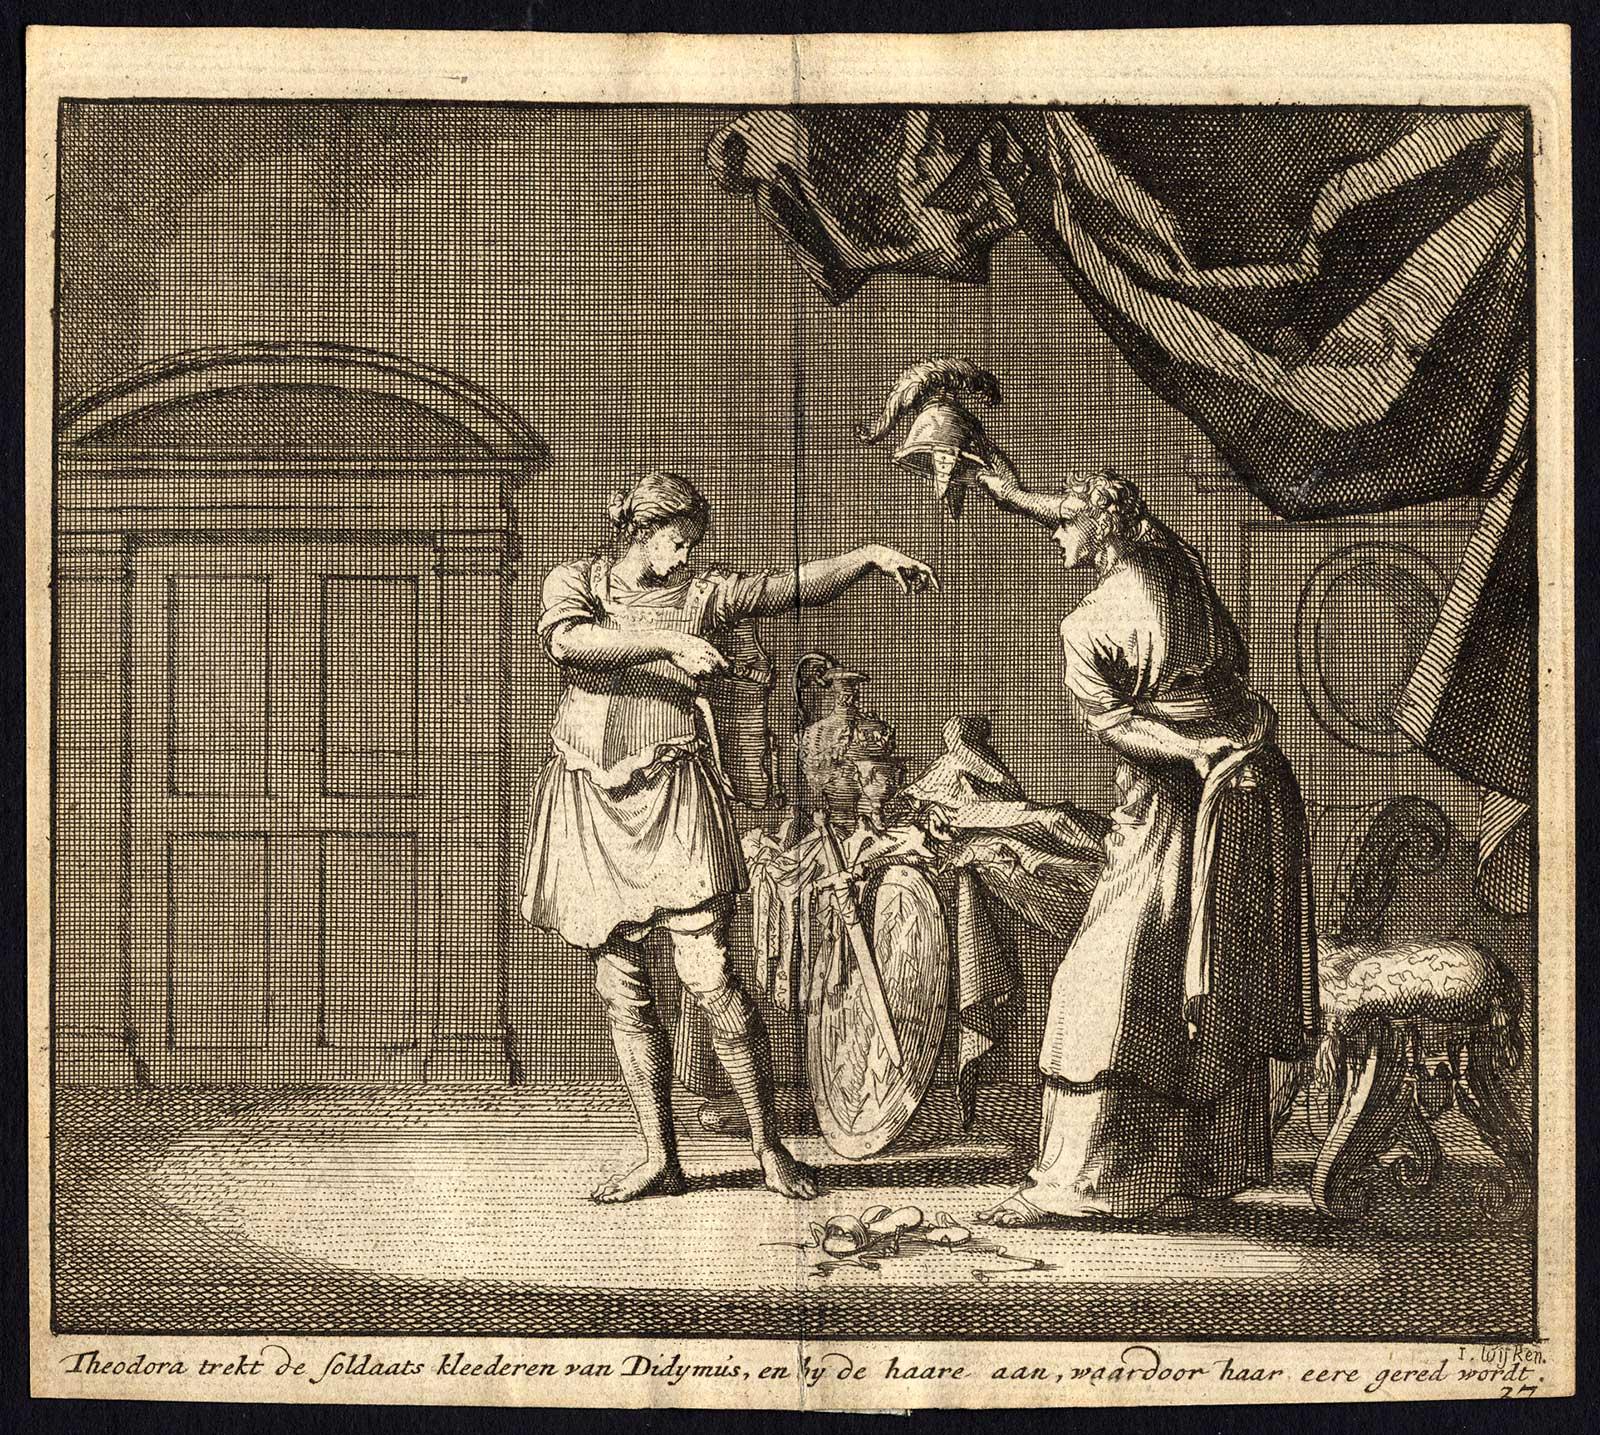 Theodora og Didymus bytter klær på bordellet, historisk kopperstikk